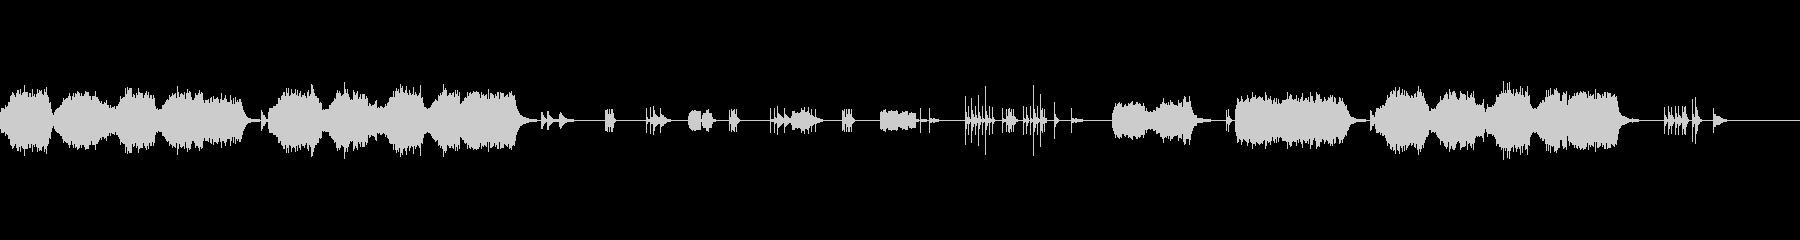 男声・打楽器をメインとしたアンサンブルの未再生の波形